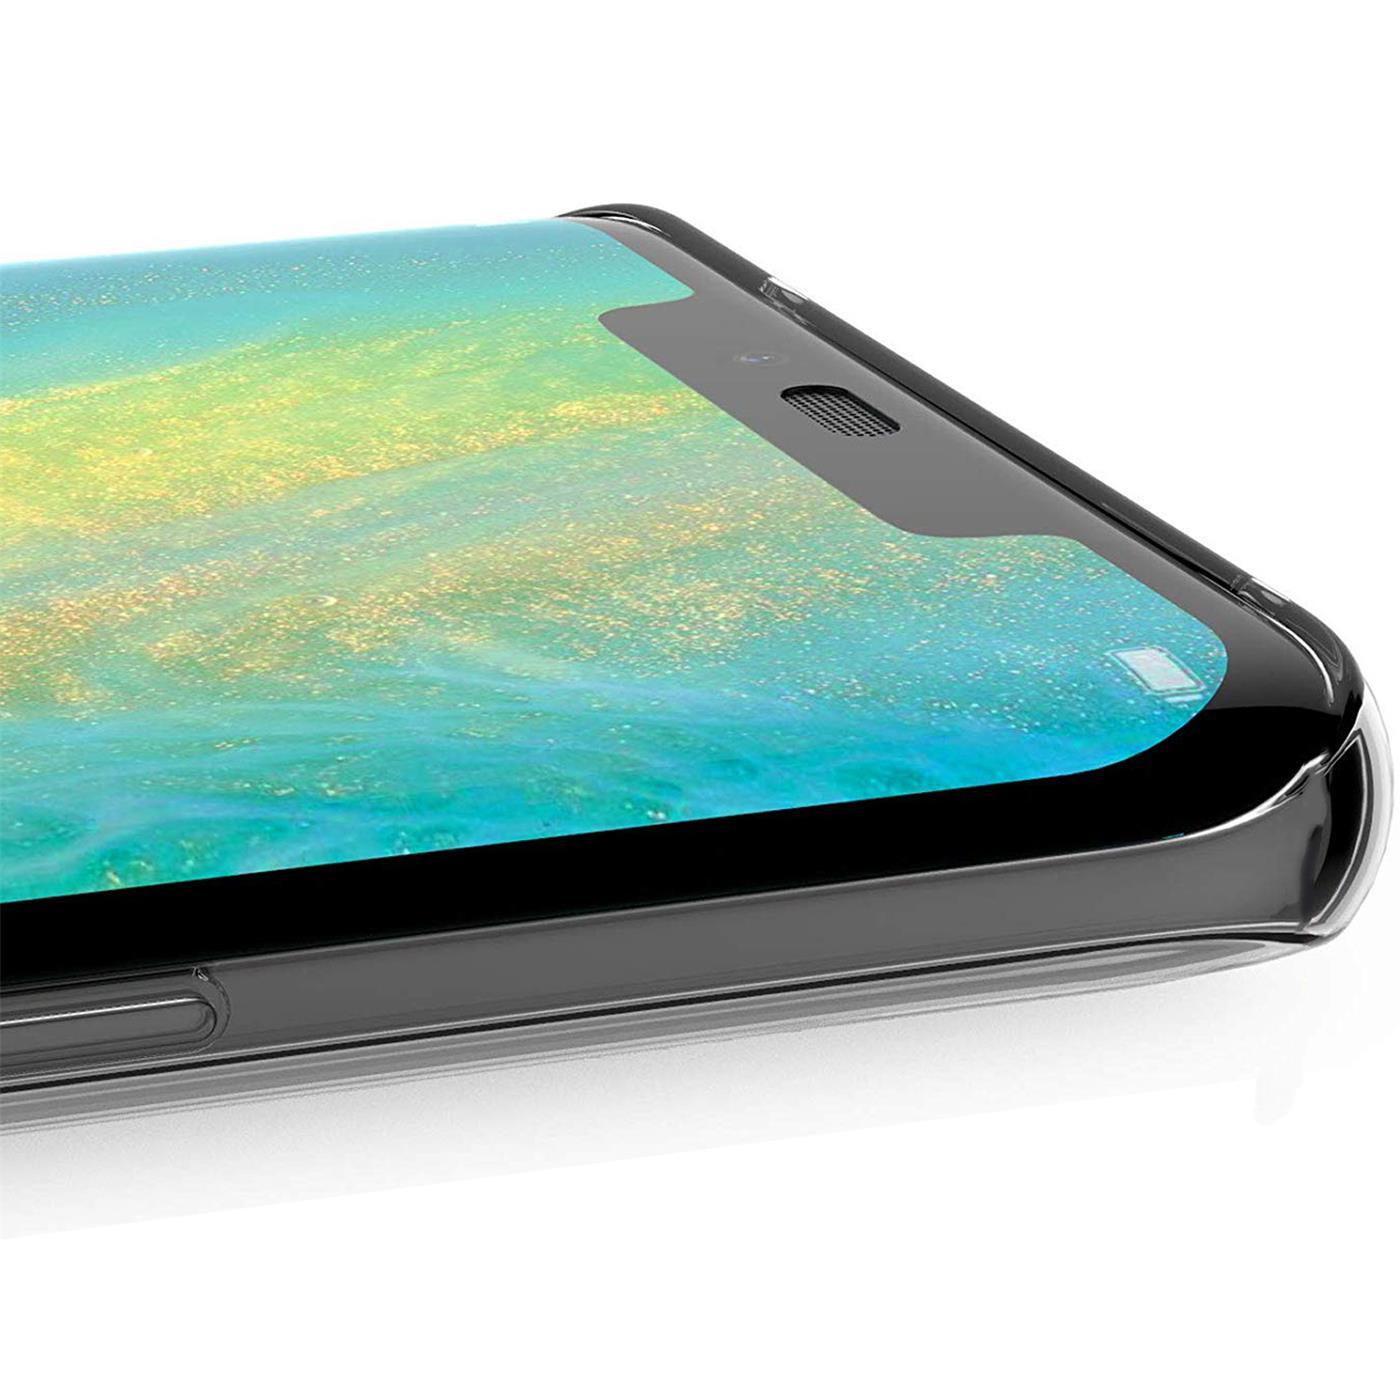 Huawei-P30-Lite-Motiv-Handy-Huelle-Silikon-Tasche-Schutzhuelle-Cover-Slim-TPU-Case Indexbild 30